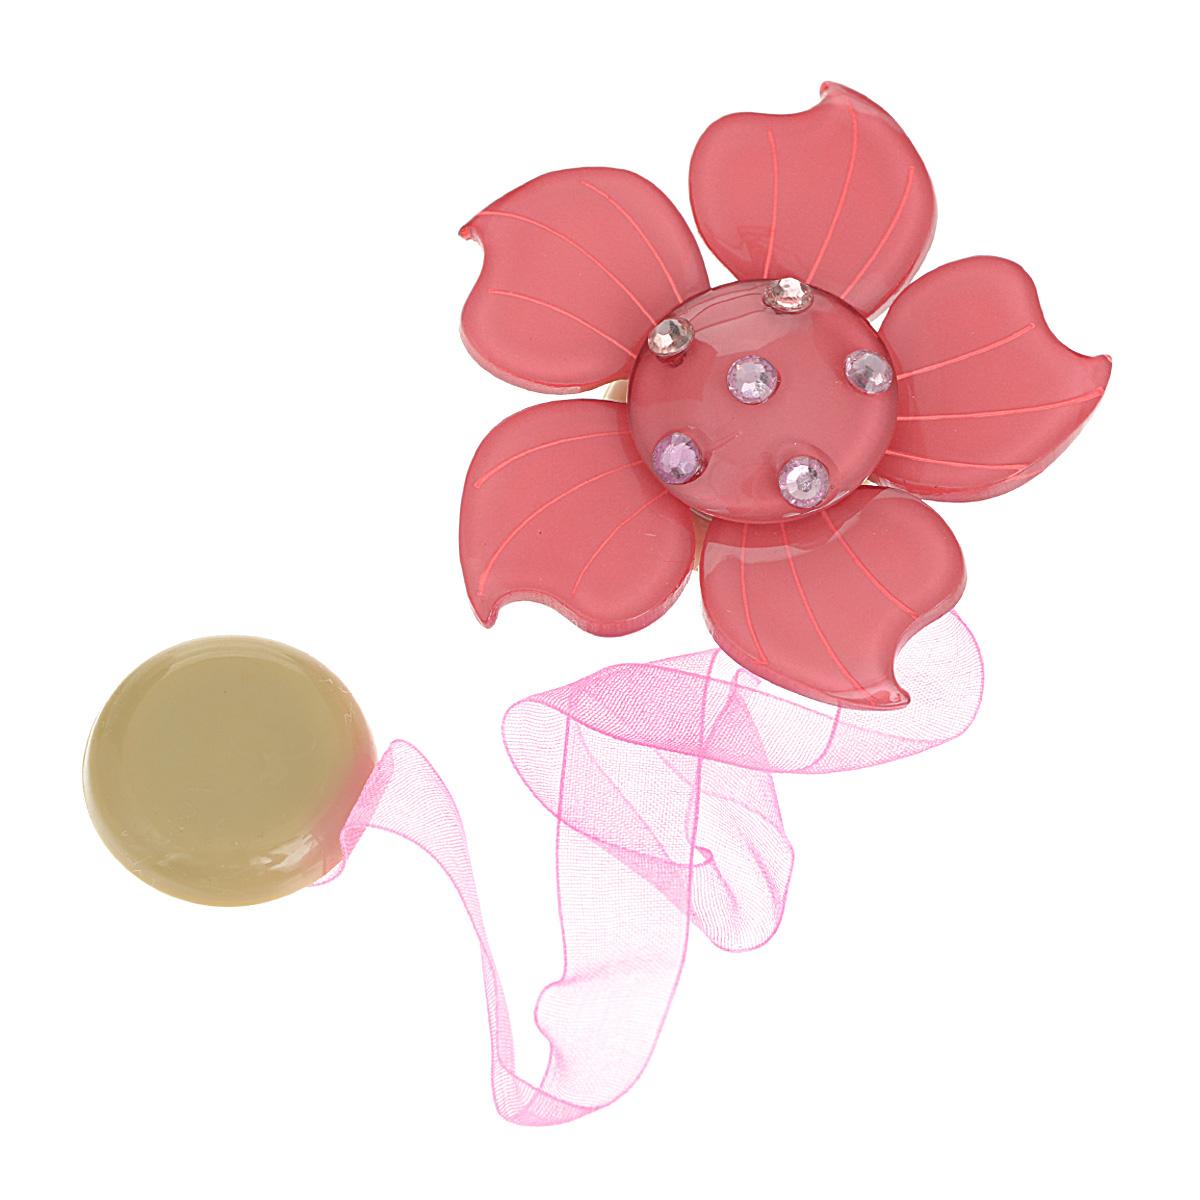 Клипса-магнит для штор Calamita Fiore, цвет: темно-розовый. 7704007_5537704007_553Клипса-магнит Calamita Fiore, изготовленная из пластика и текстиля, предназначена для придания формы шторам. Изделие представляет собой два магнита, расположенные на разных концах текстильной ленты. Один из магнитов оформлен декоративным цветком и украшен стразами. С помощью такой магнитной клипсы можно зафиксировать портьеры, придать им требуемое положение, сделать складки симметричными или приблизить портьеры, скрепить их. Клипсы для штор являются универсальным изделием, которое превосходно подойдет как для штор в детской комнате, так и для штор в гостиной. Следует отметить, что клипсы для штор выполняют не только практическую функцию, но также являются одной из основных деталей декора этого изделия, которая придает шторам восхитительный, стильный внешний вид. Материал: пластик, полиэстер, магнит. Диаметр декоративного цветка: 6 см. Диаметр магнита: 2,5 см. Длина ленты: 28 см.